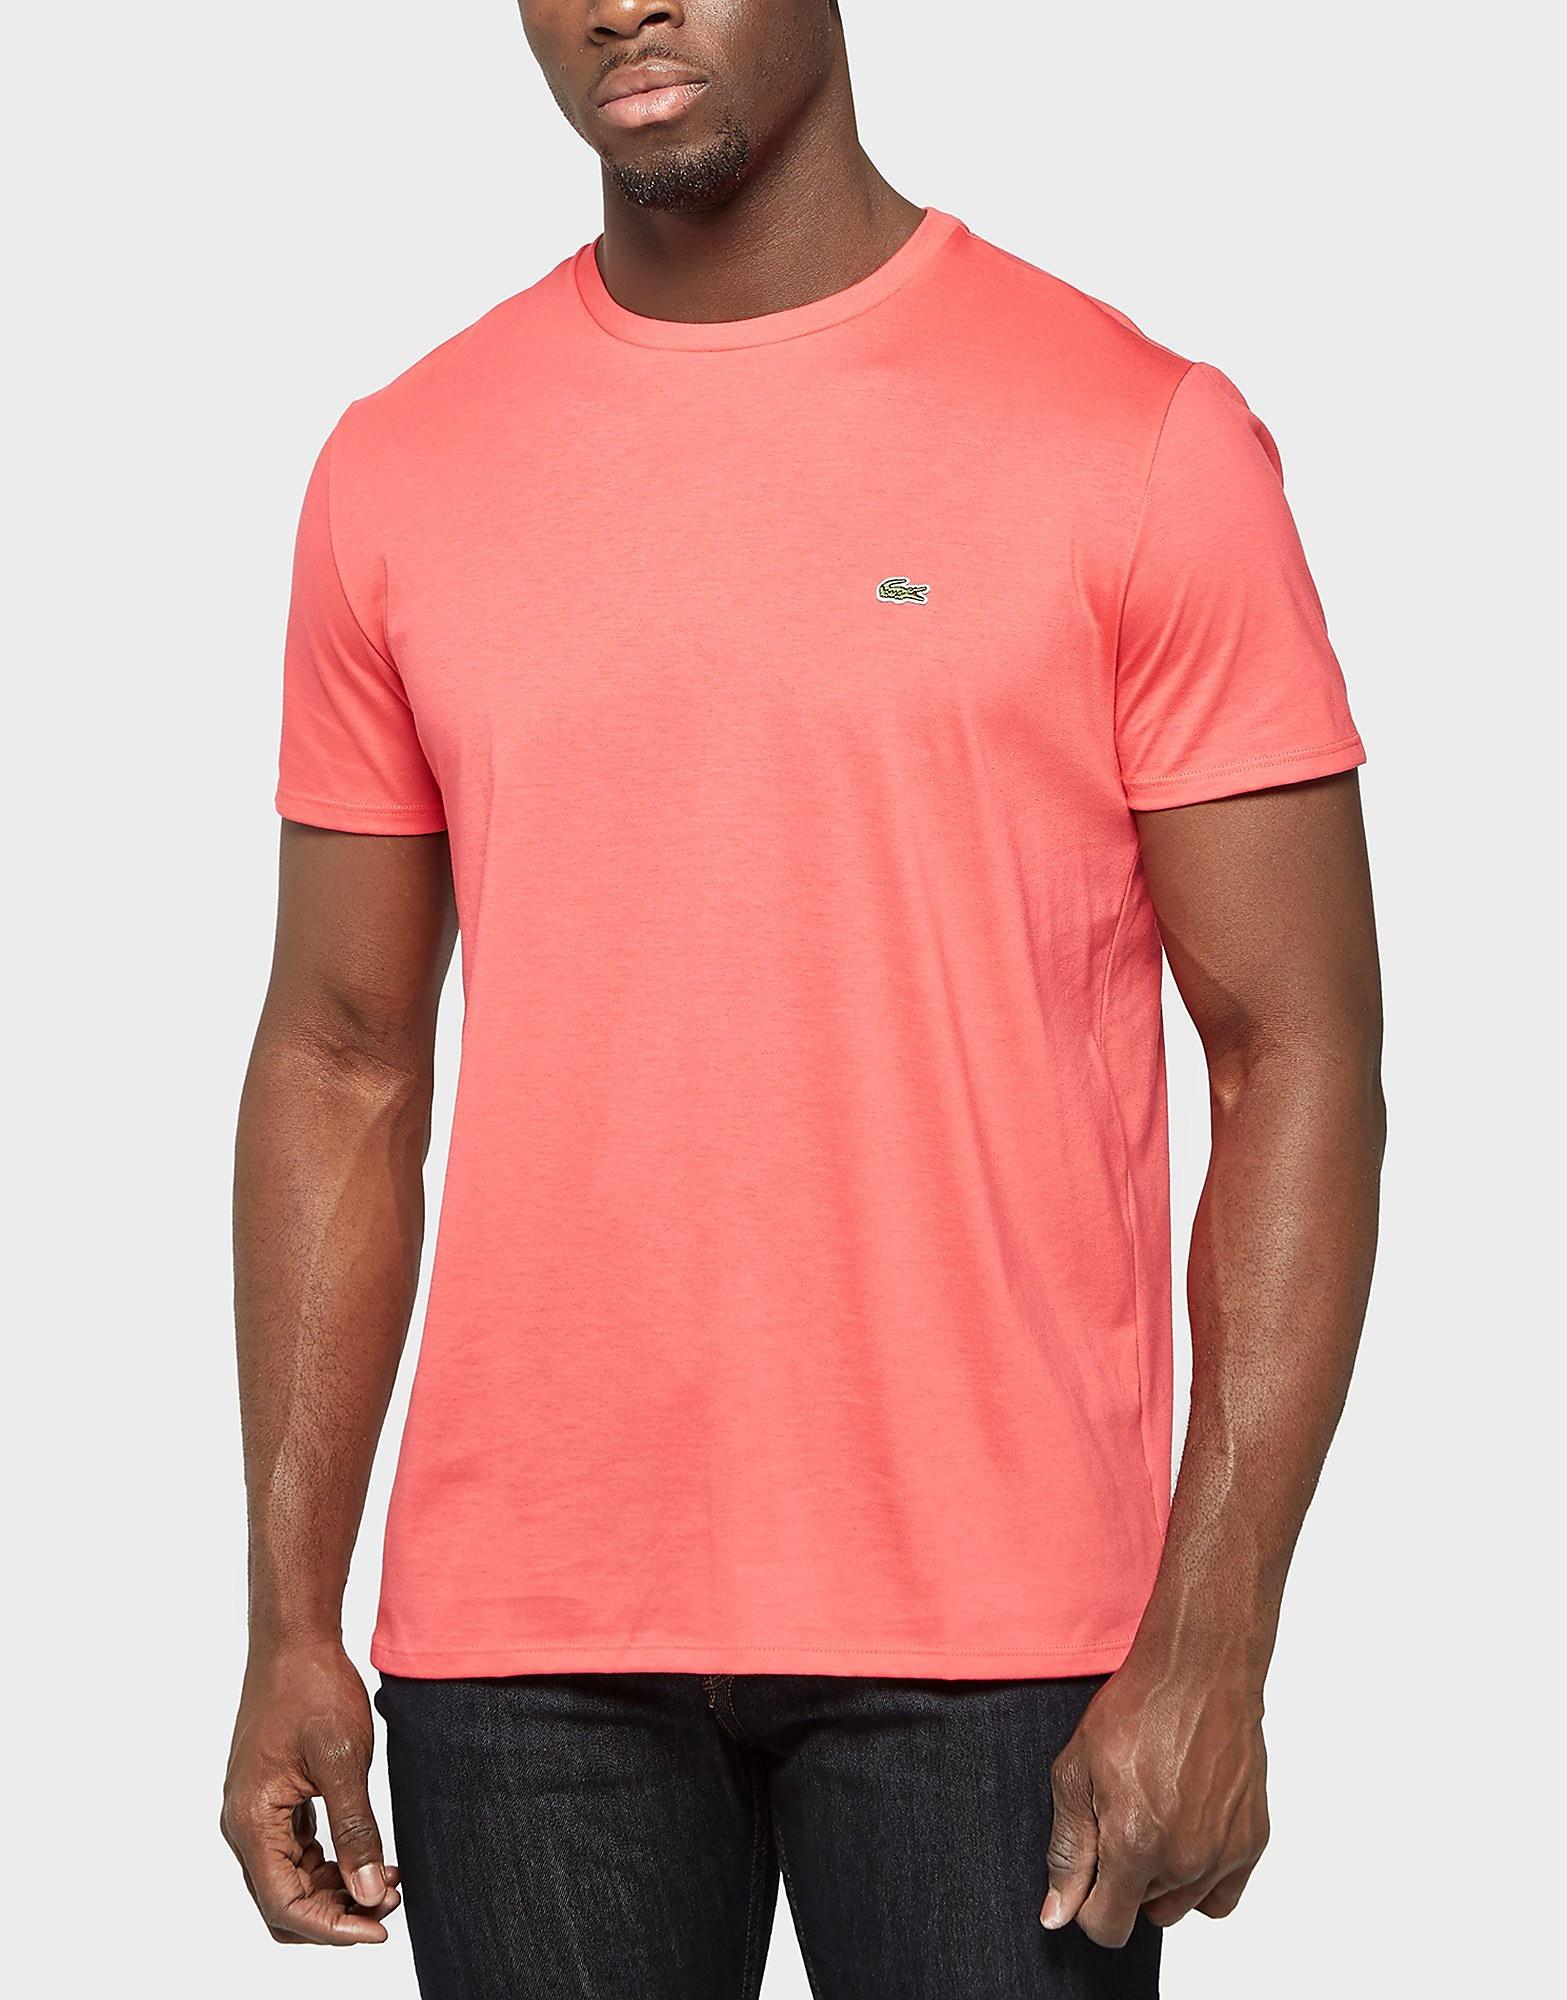 Lacoste Basic Crew T-Shirt